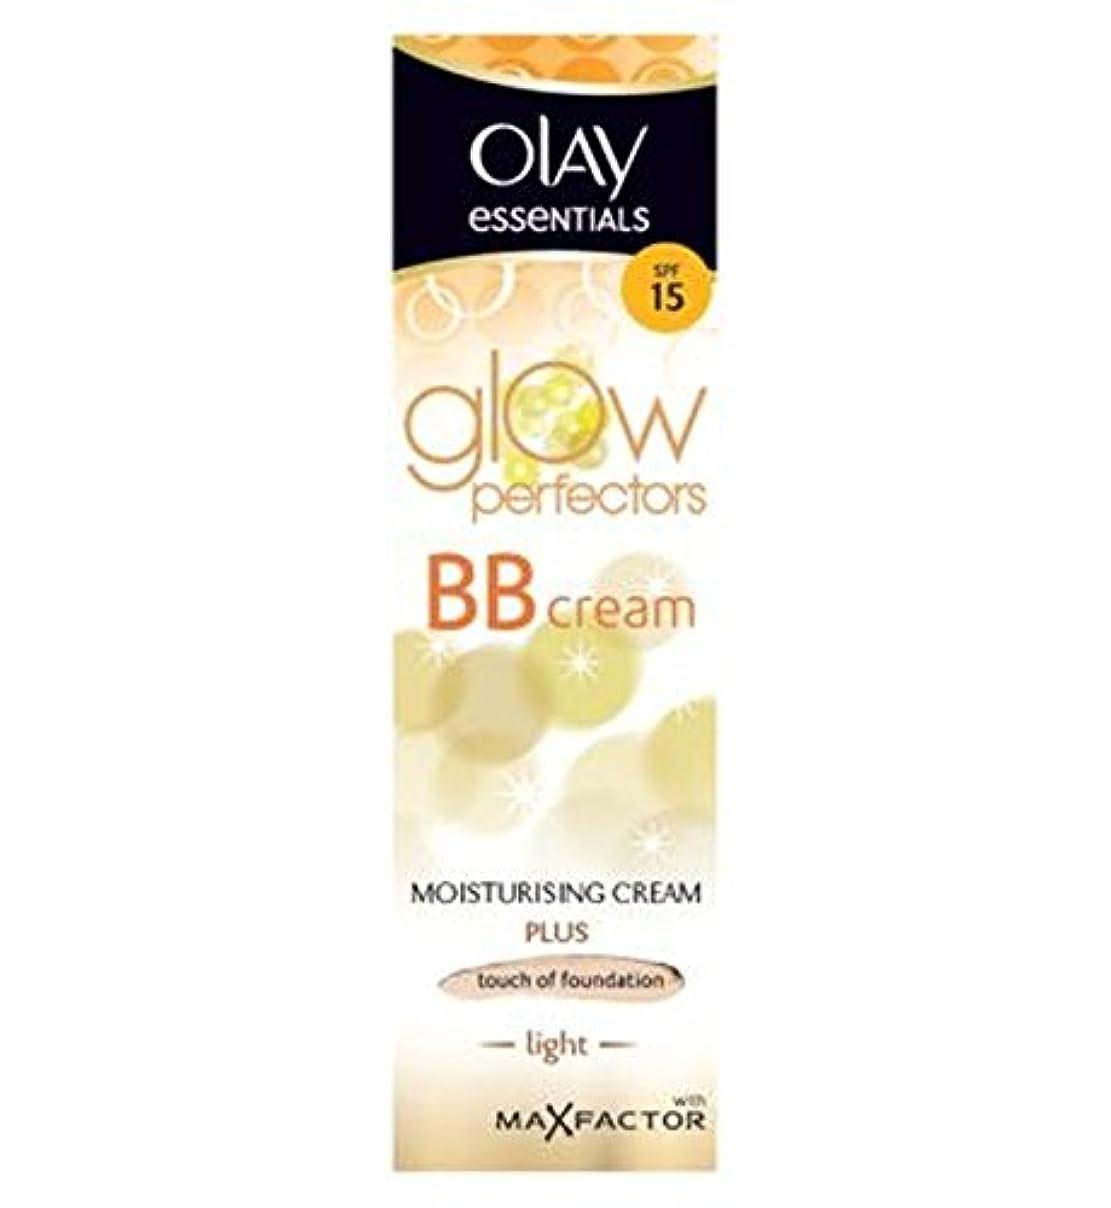 無視するワーカー非難するOlay Complete BB Cream SPF15 Skin Perfecting Tinted Moisturiser 50ml - Fair - 着色保湿50ミリリットルを完成オーレイ完全なBbクリームSpf15スキン - フェア (Olay) [並行輸入品]